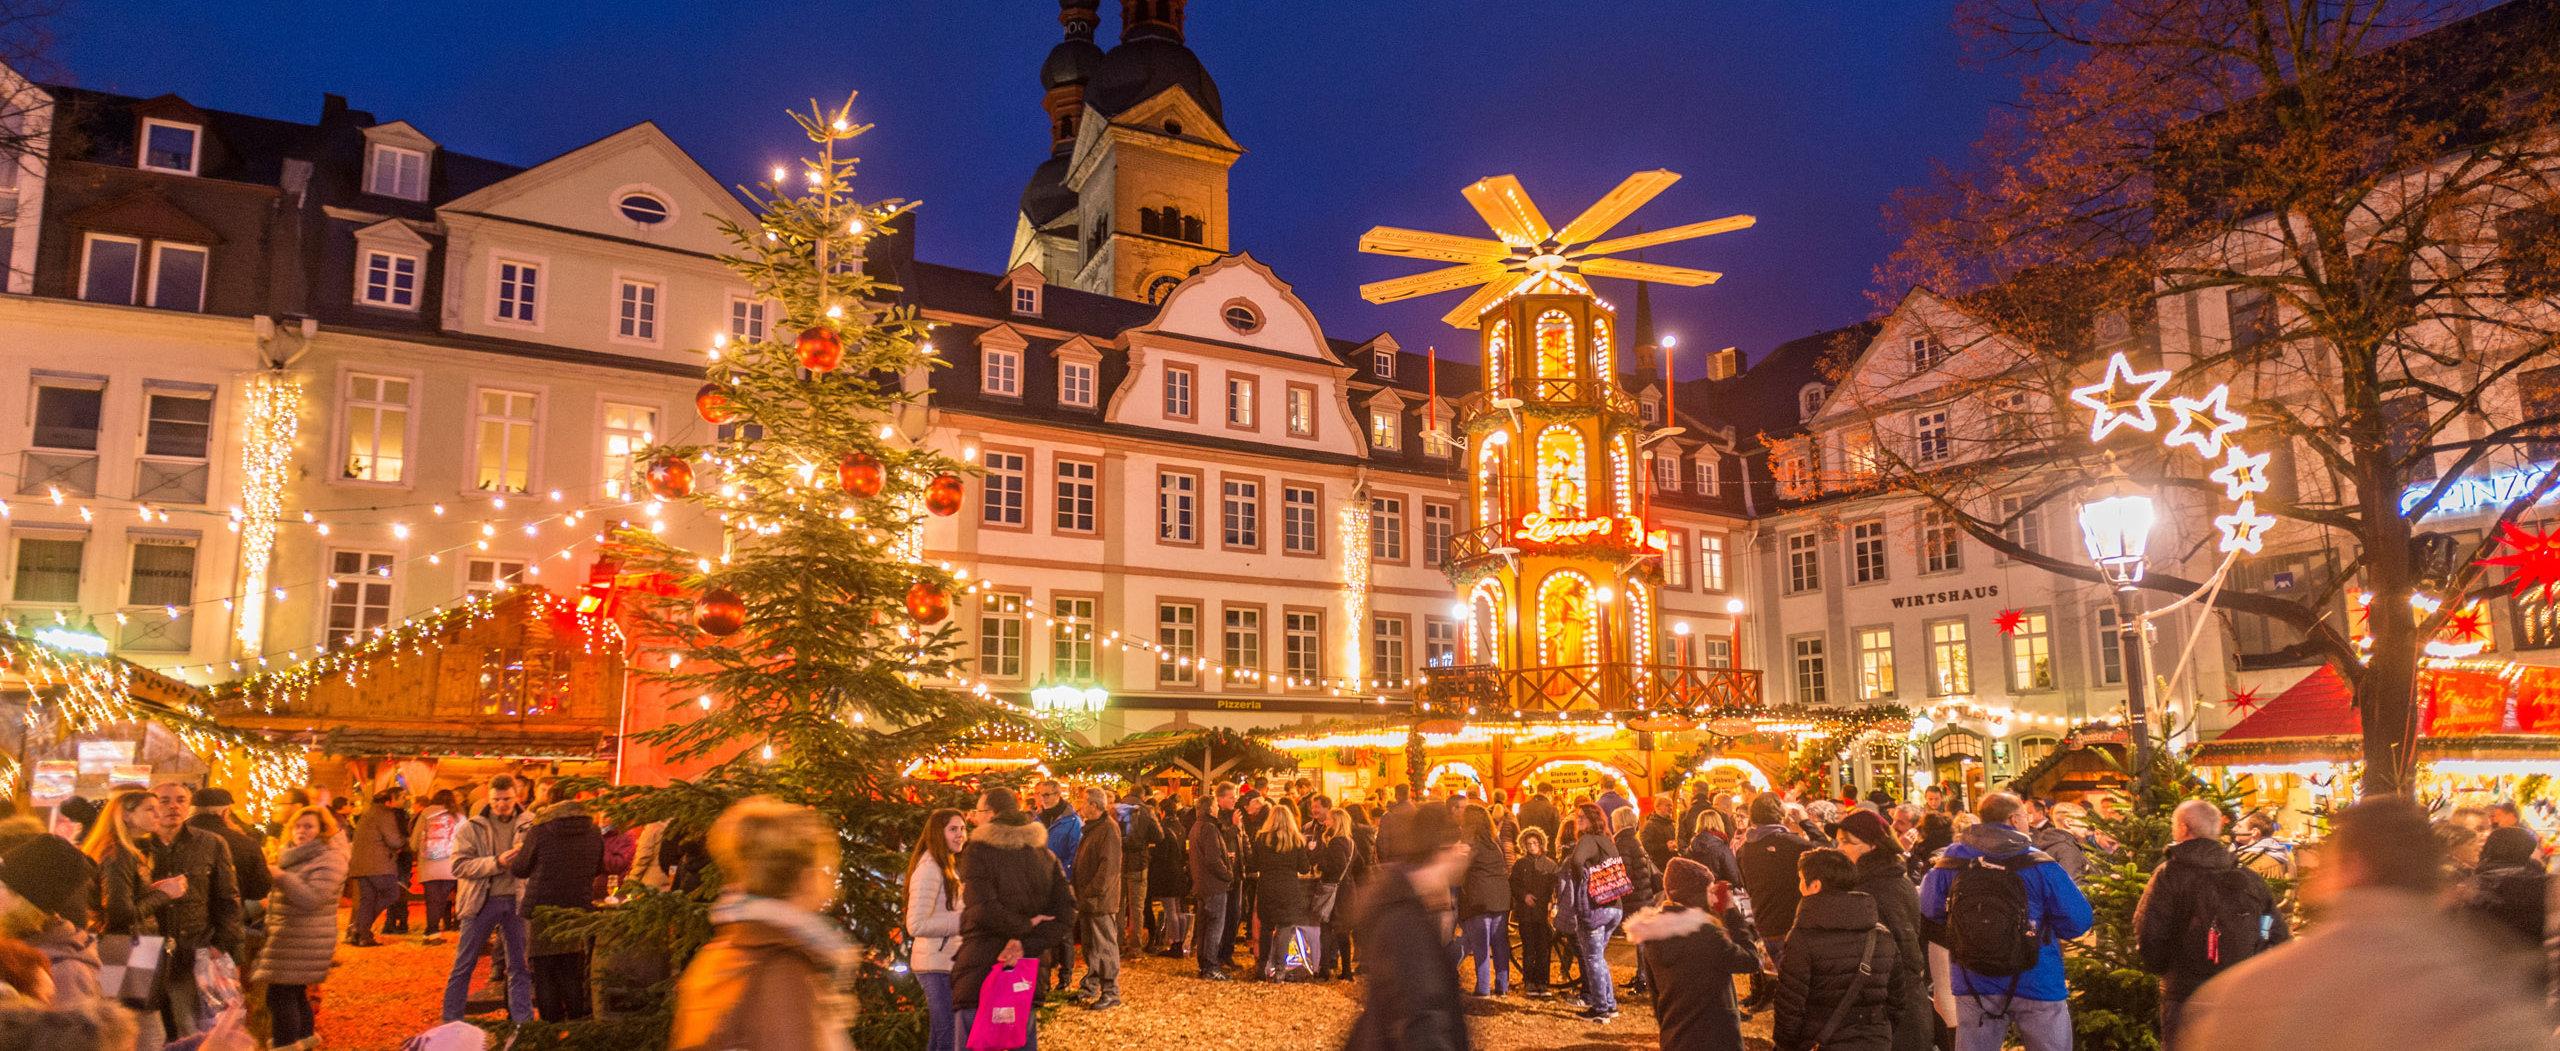 Weihnachtsmarkt in Koblenz, Romantischer Rhein